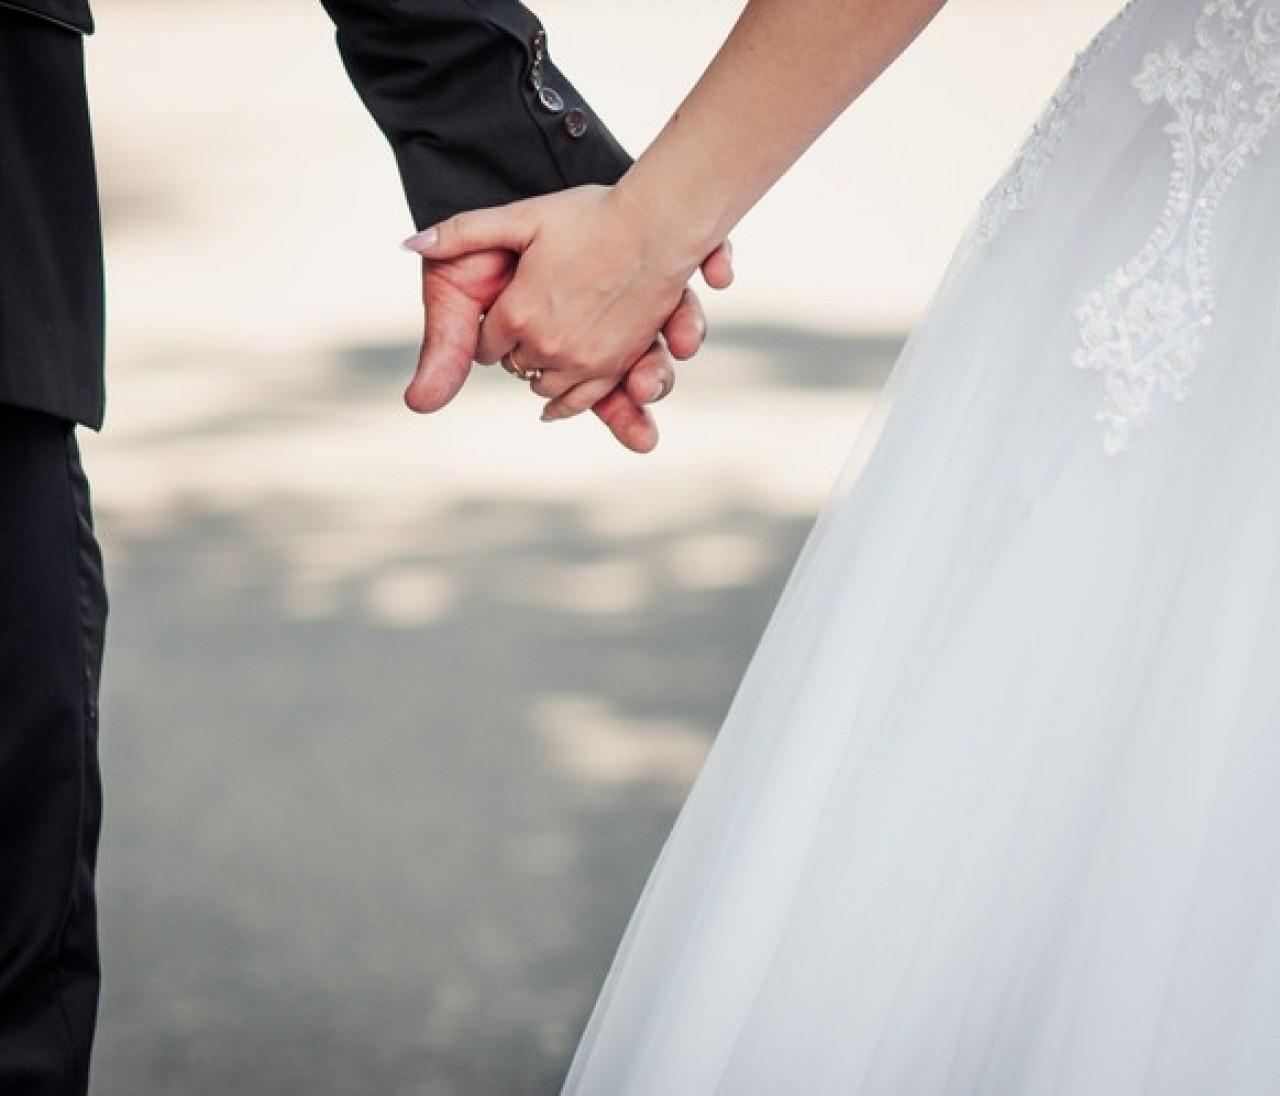 【近況報告】自粛期間中、結婚に不安を感じて始めてしまった…【30代ジーコの、本気で婚活!ブログVol.67】